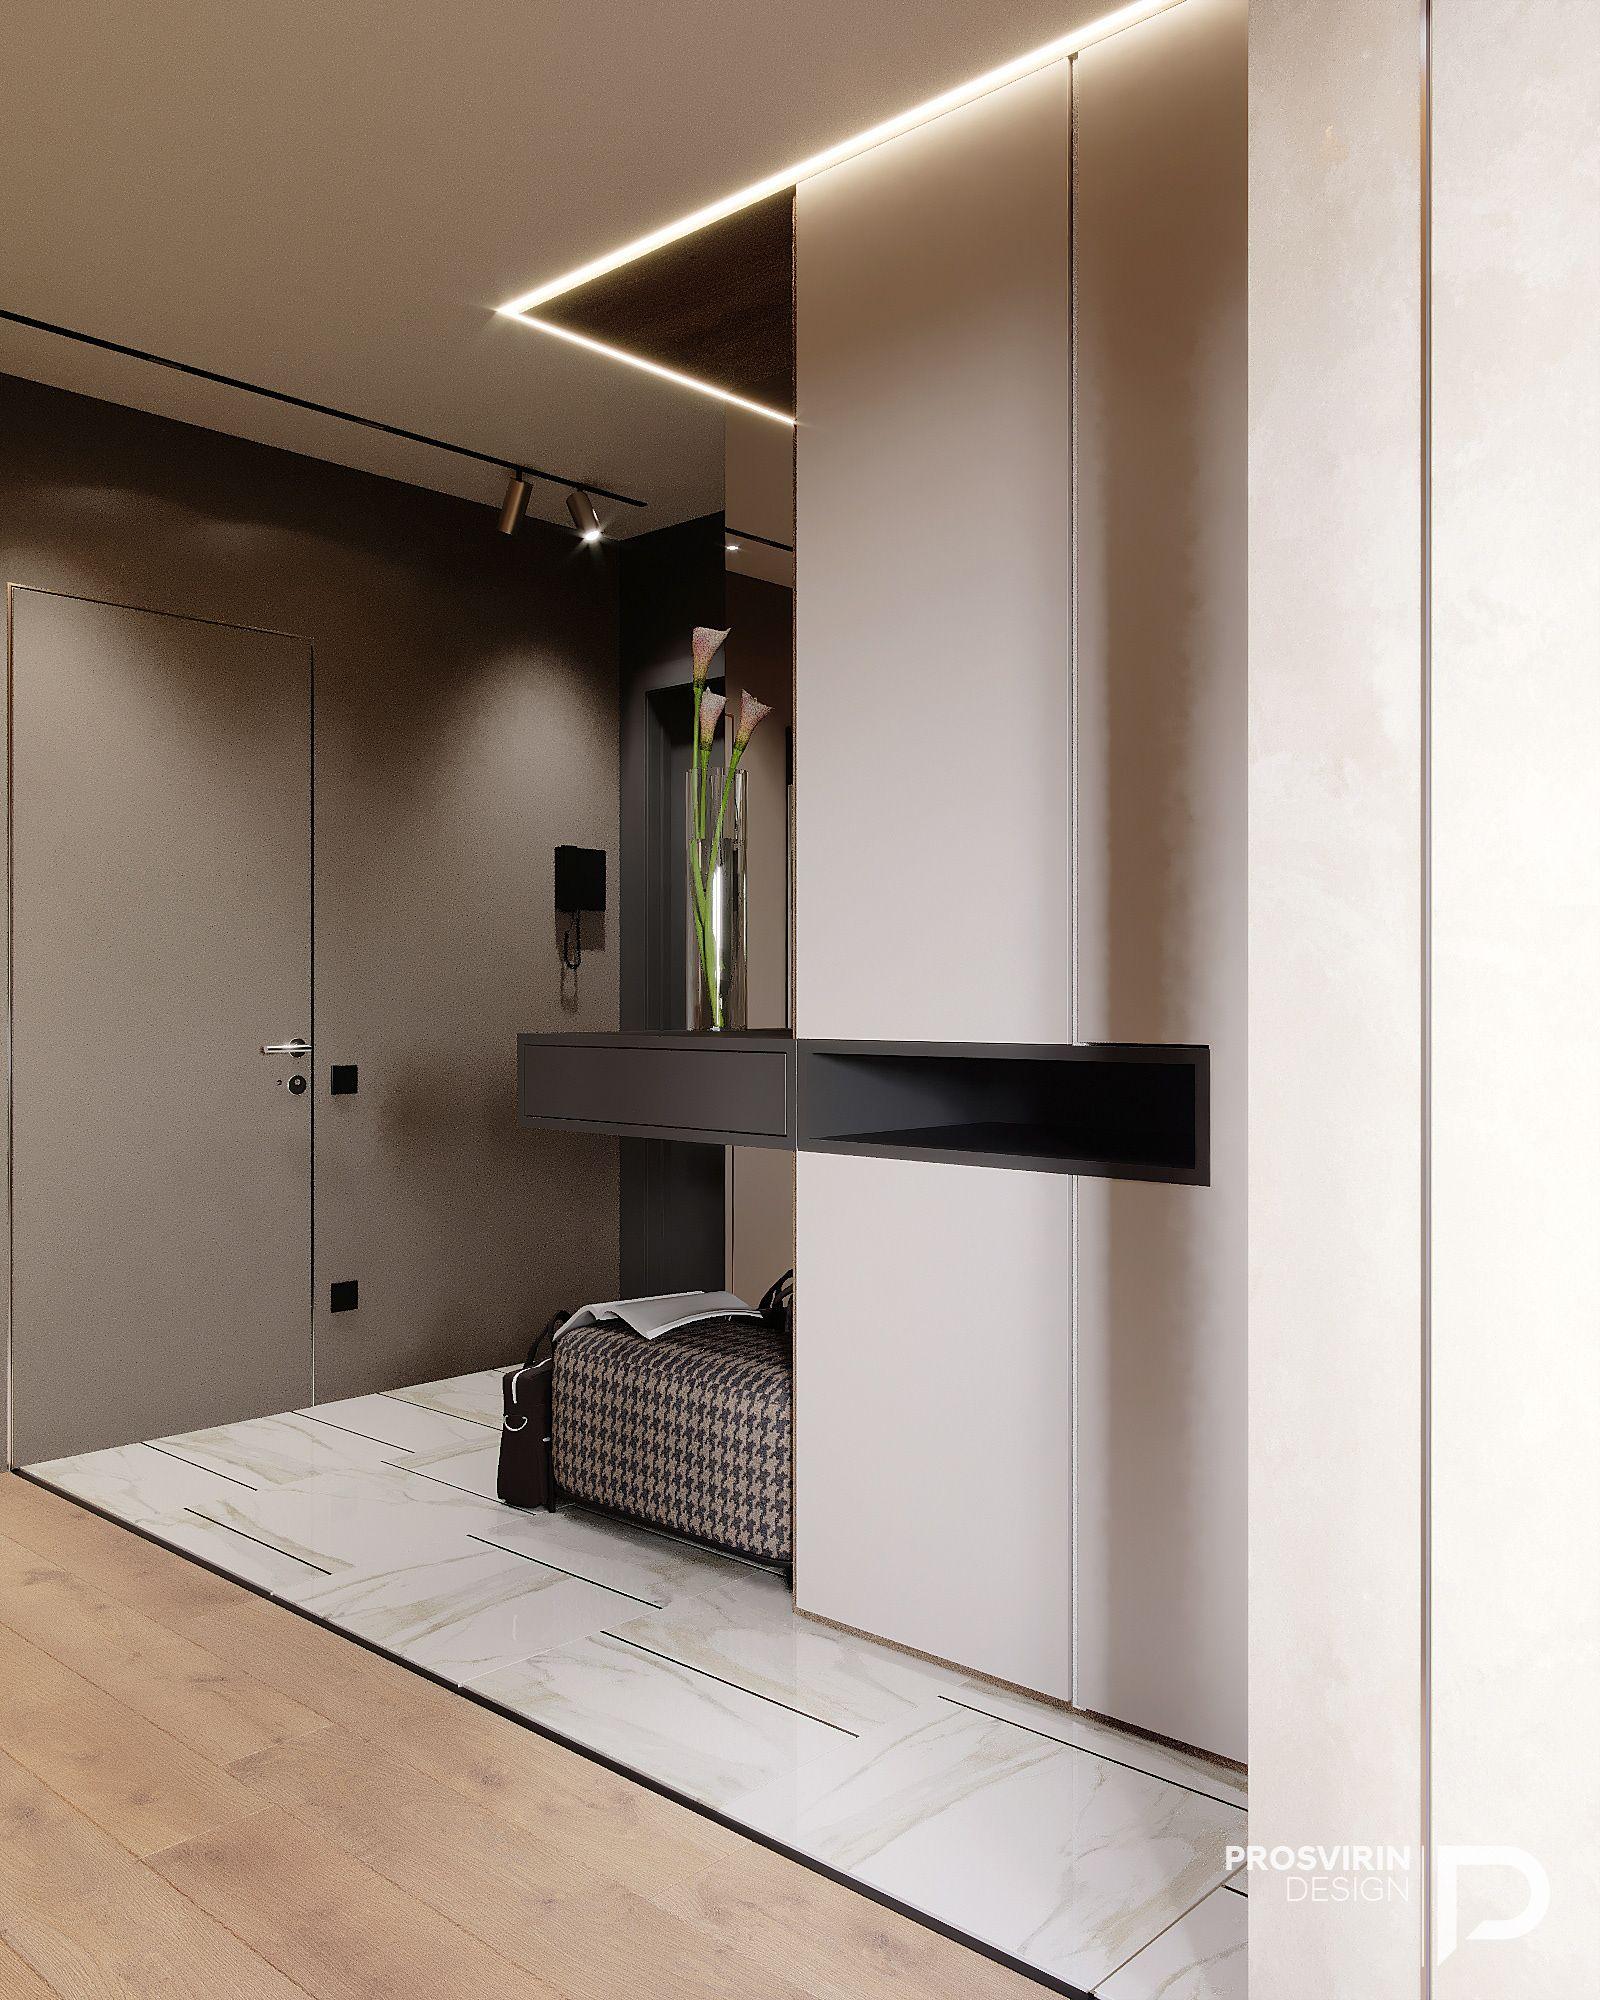 Luxury Master Bedroom Dubai On Behance: Luxury Master Bedroom Suite